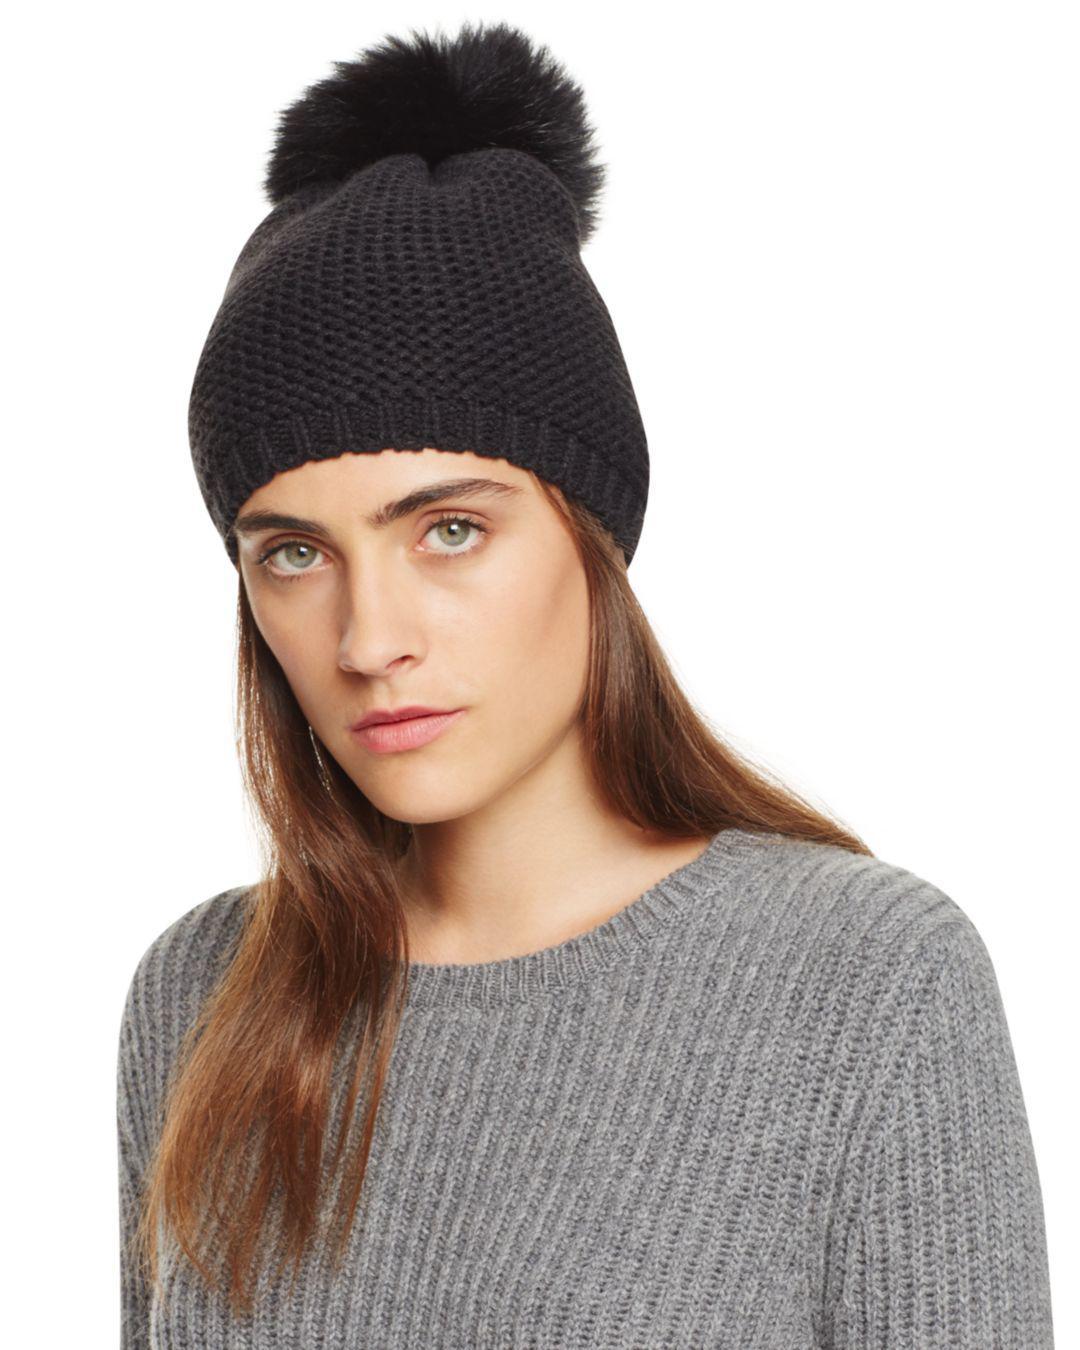 16b8406cb7a7f Kyi Kyi Slouchy Hat With Fox Fur Pom-pom in Black - Lyst